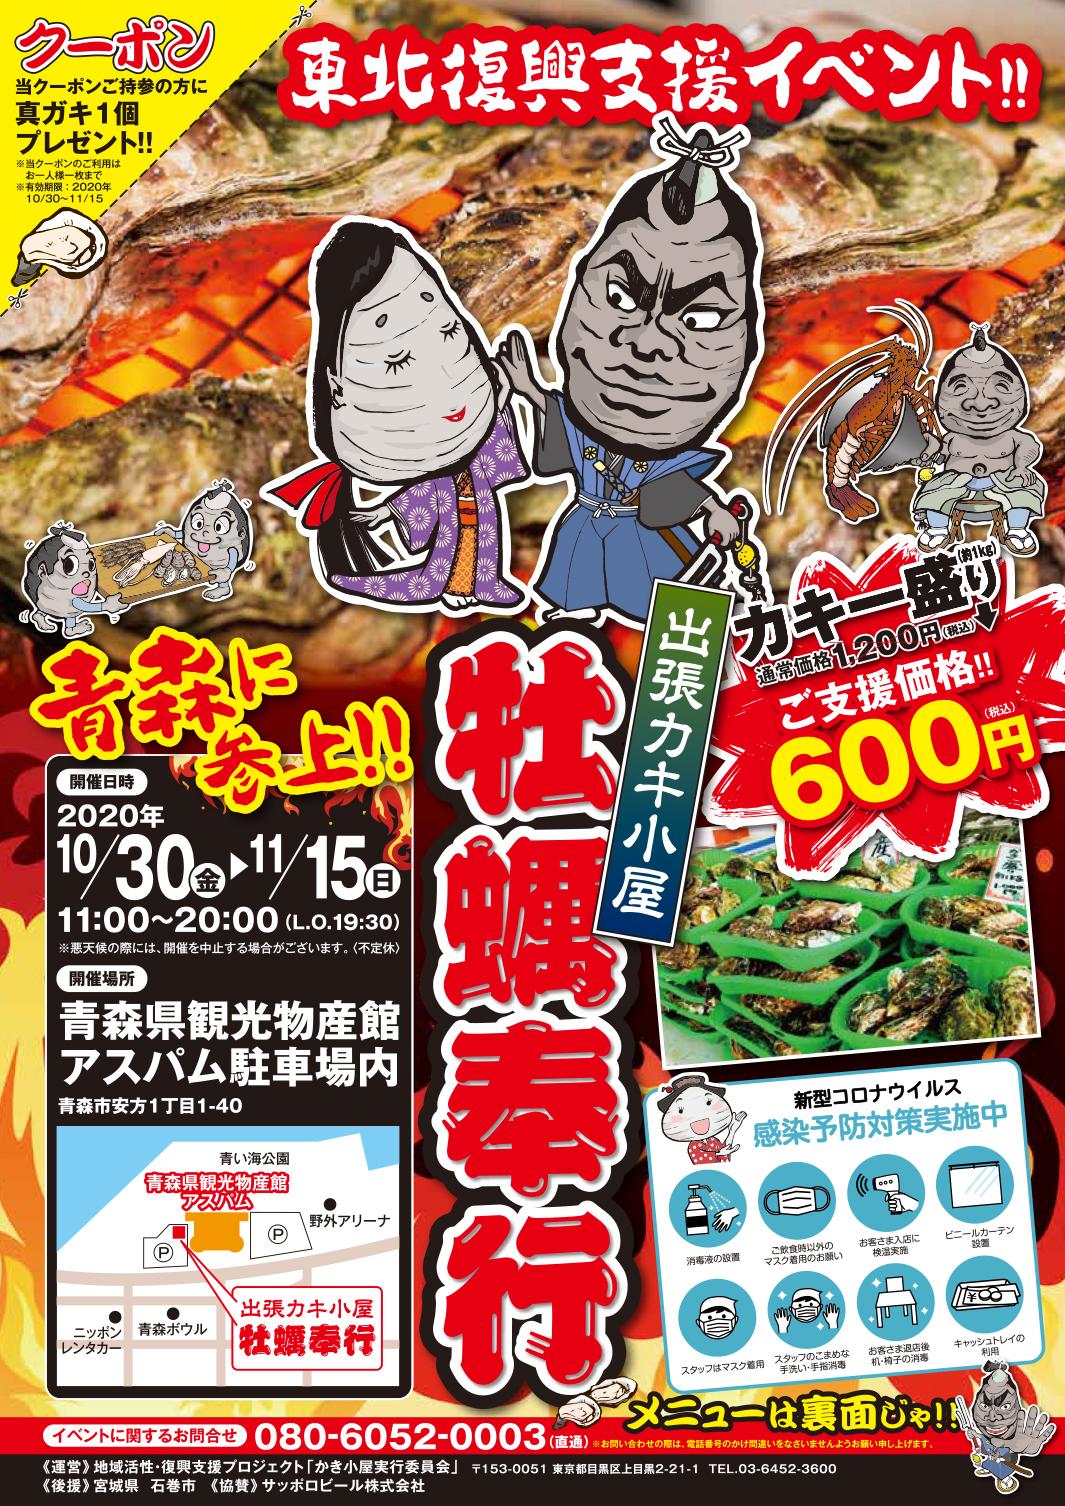 出張カキ小屋「牡蠣奉行」in 青森県観光物産館アスパム駐車場内 2020年10月30日~11月15日開催